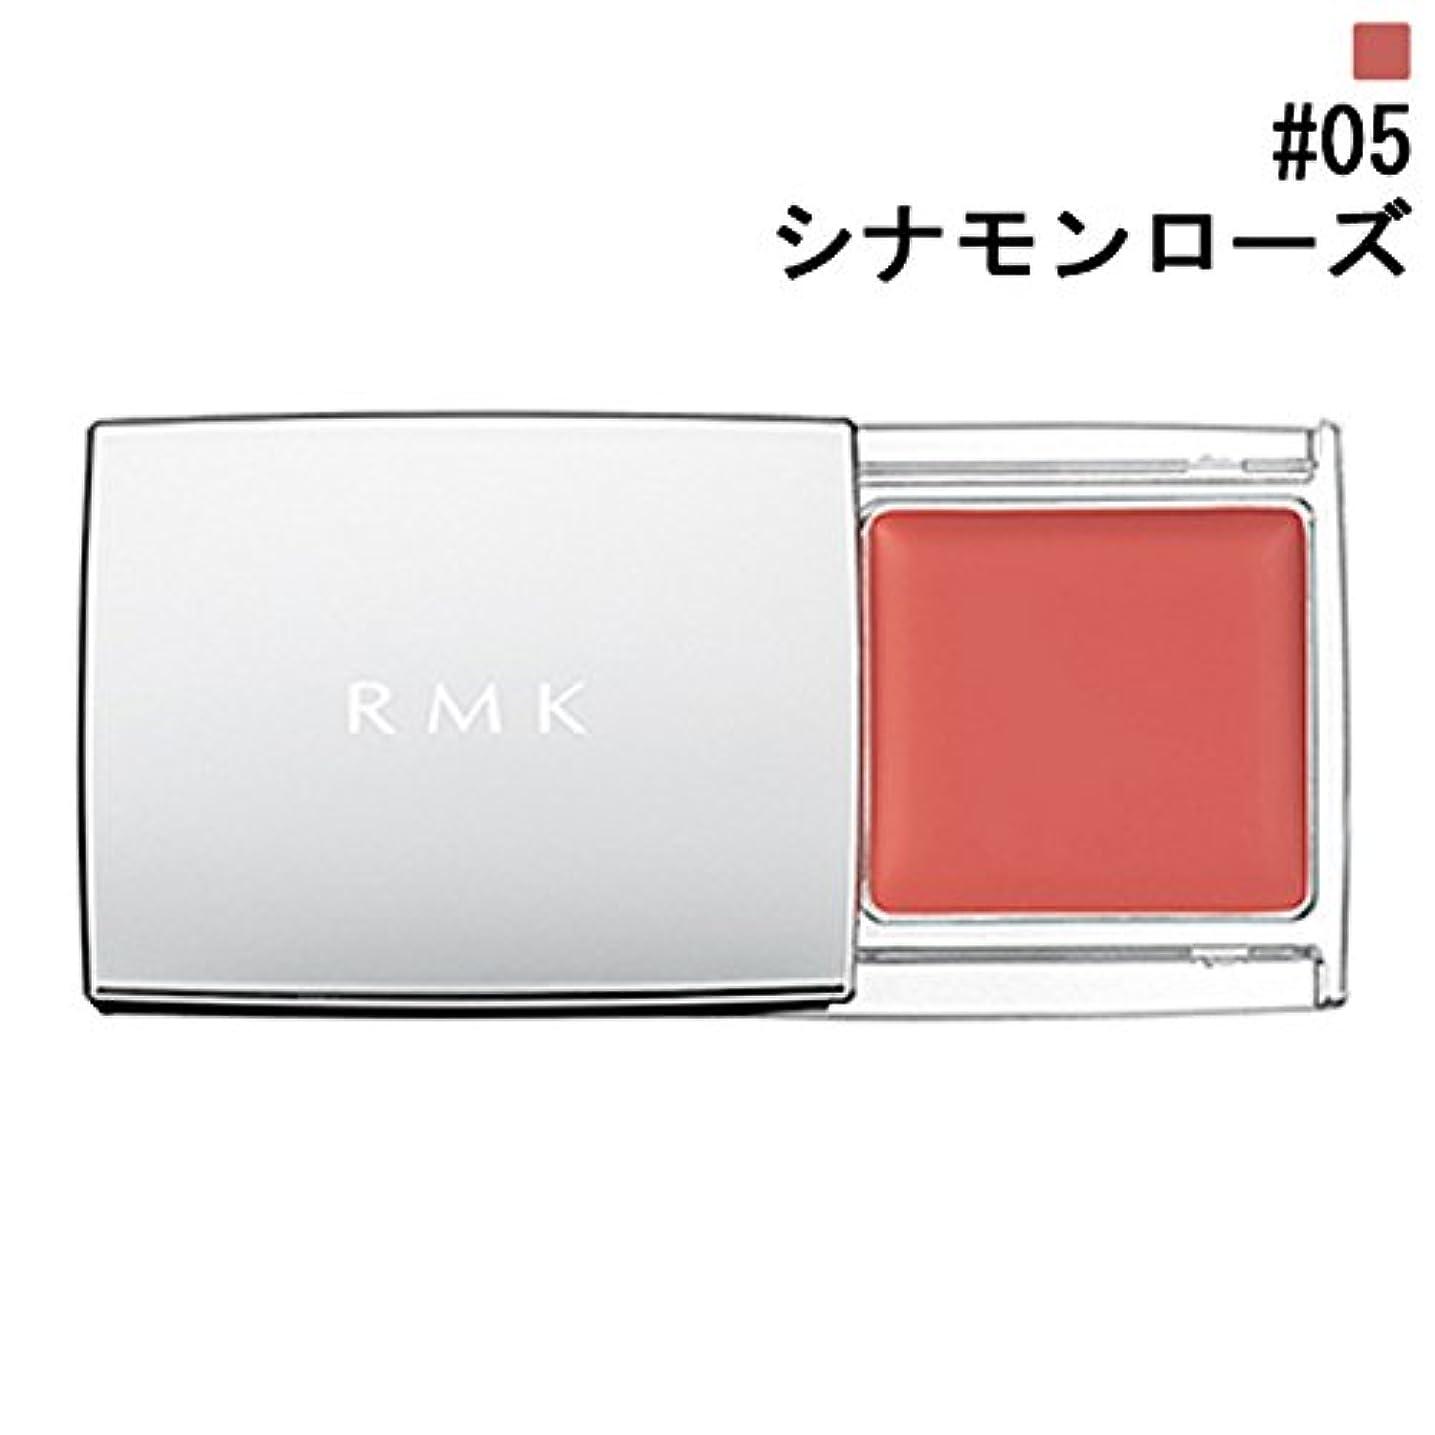 南東マエストロ導体【RMK (ルミコ)】RMK マルチペイントカラーズ #05 シナモンローズ 1.5g